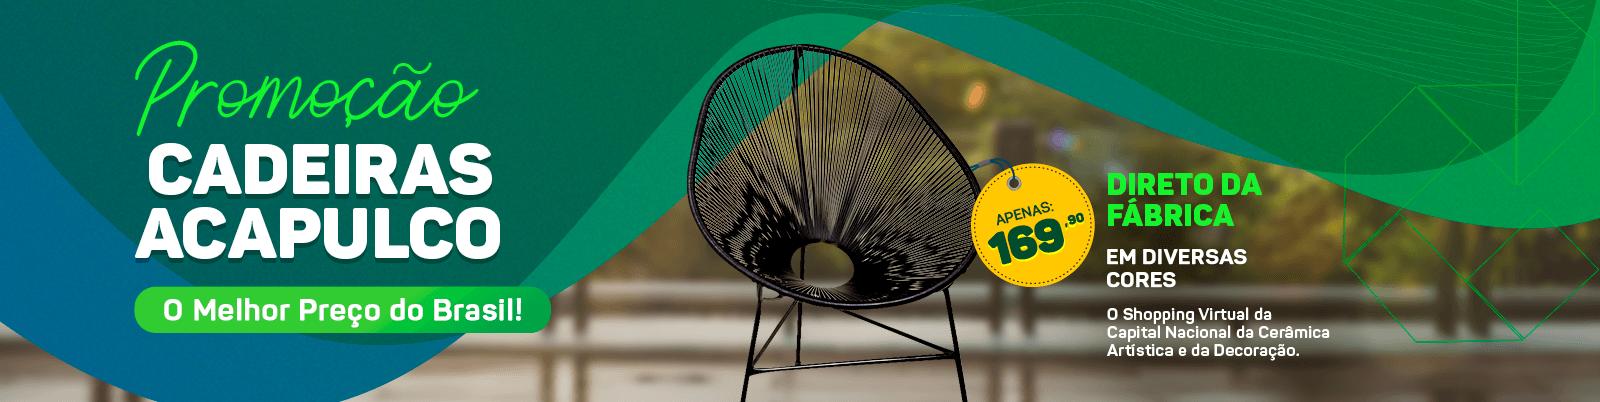 Compre Cadeiras Acapulco Direto da Fábrica Com o Melhor Preço do brasil.